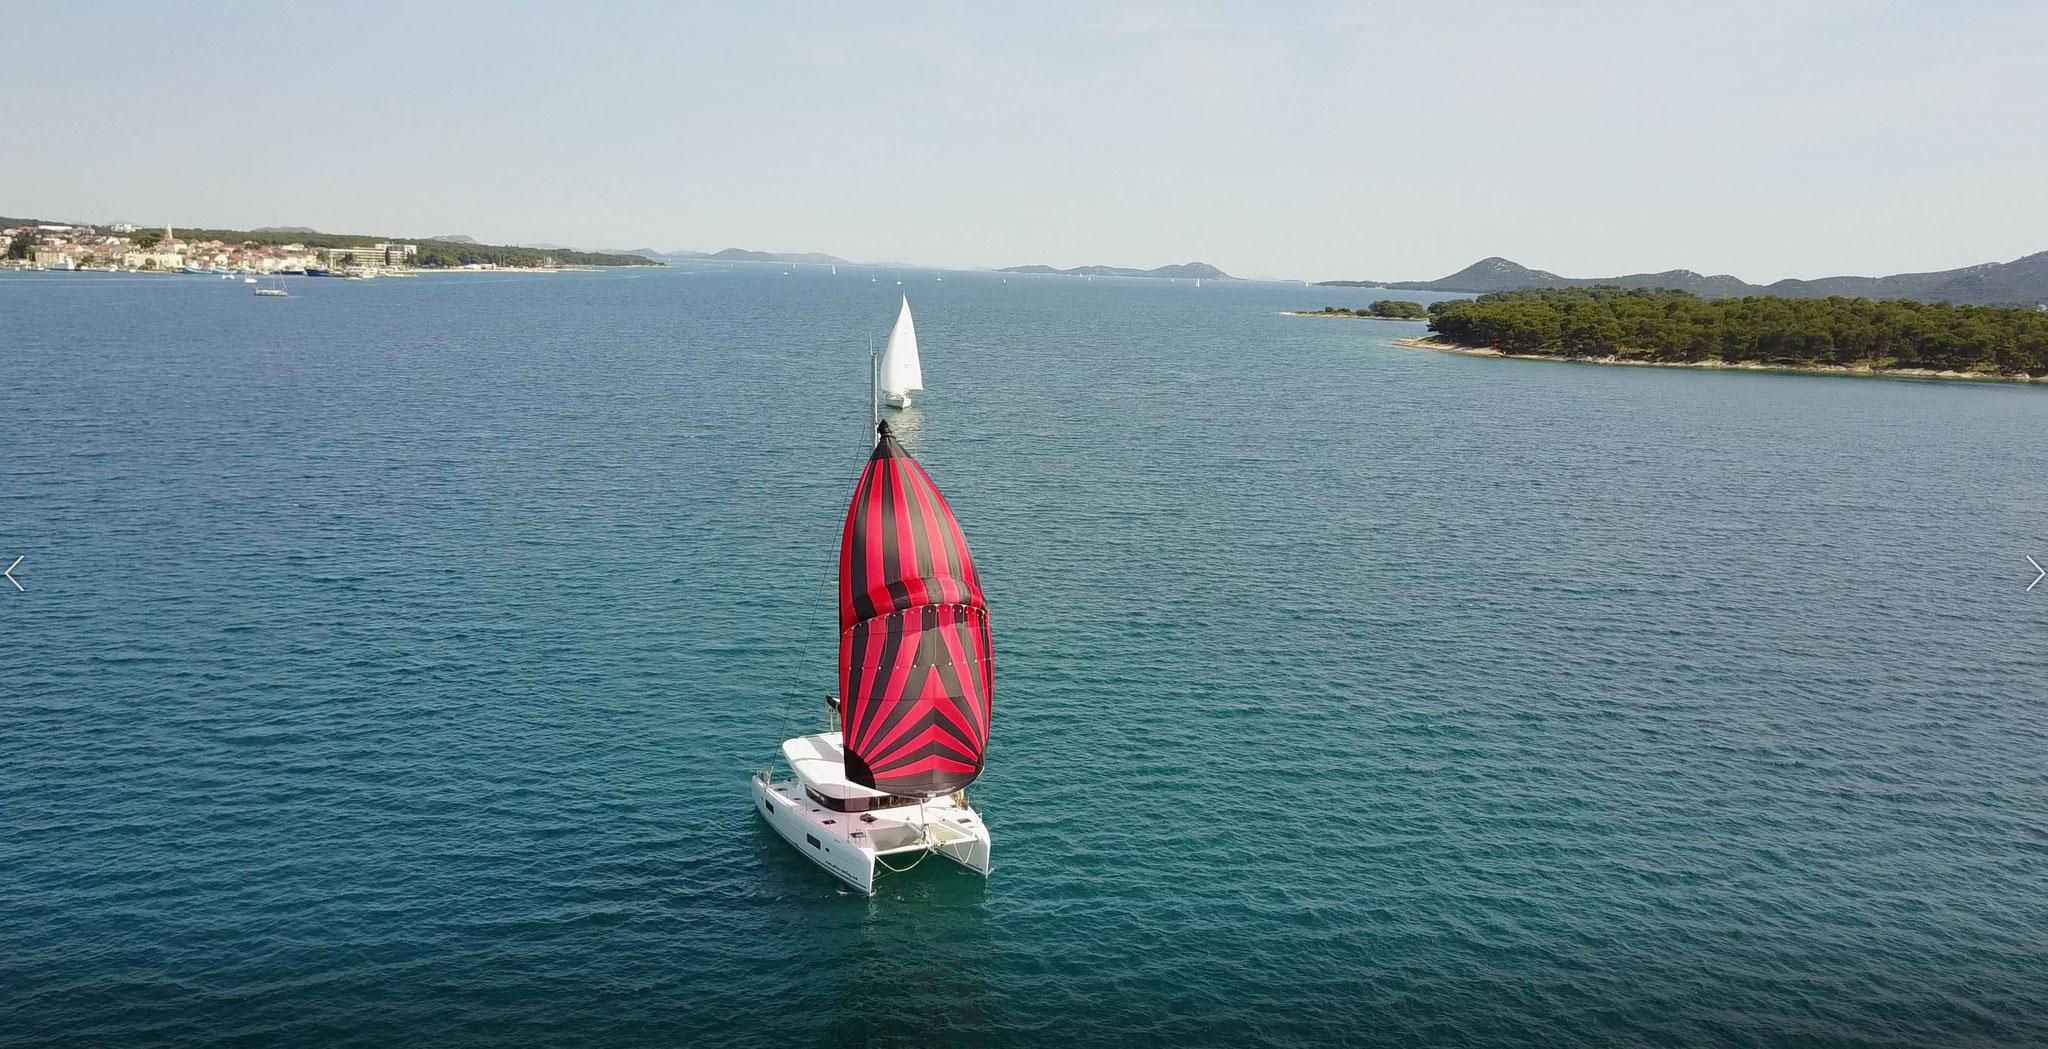 Karamaran fahren als Vorbereitung für Segelscheine inklusive Seemeilennachweis    -    www.katamarantraum.com